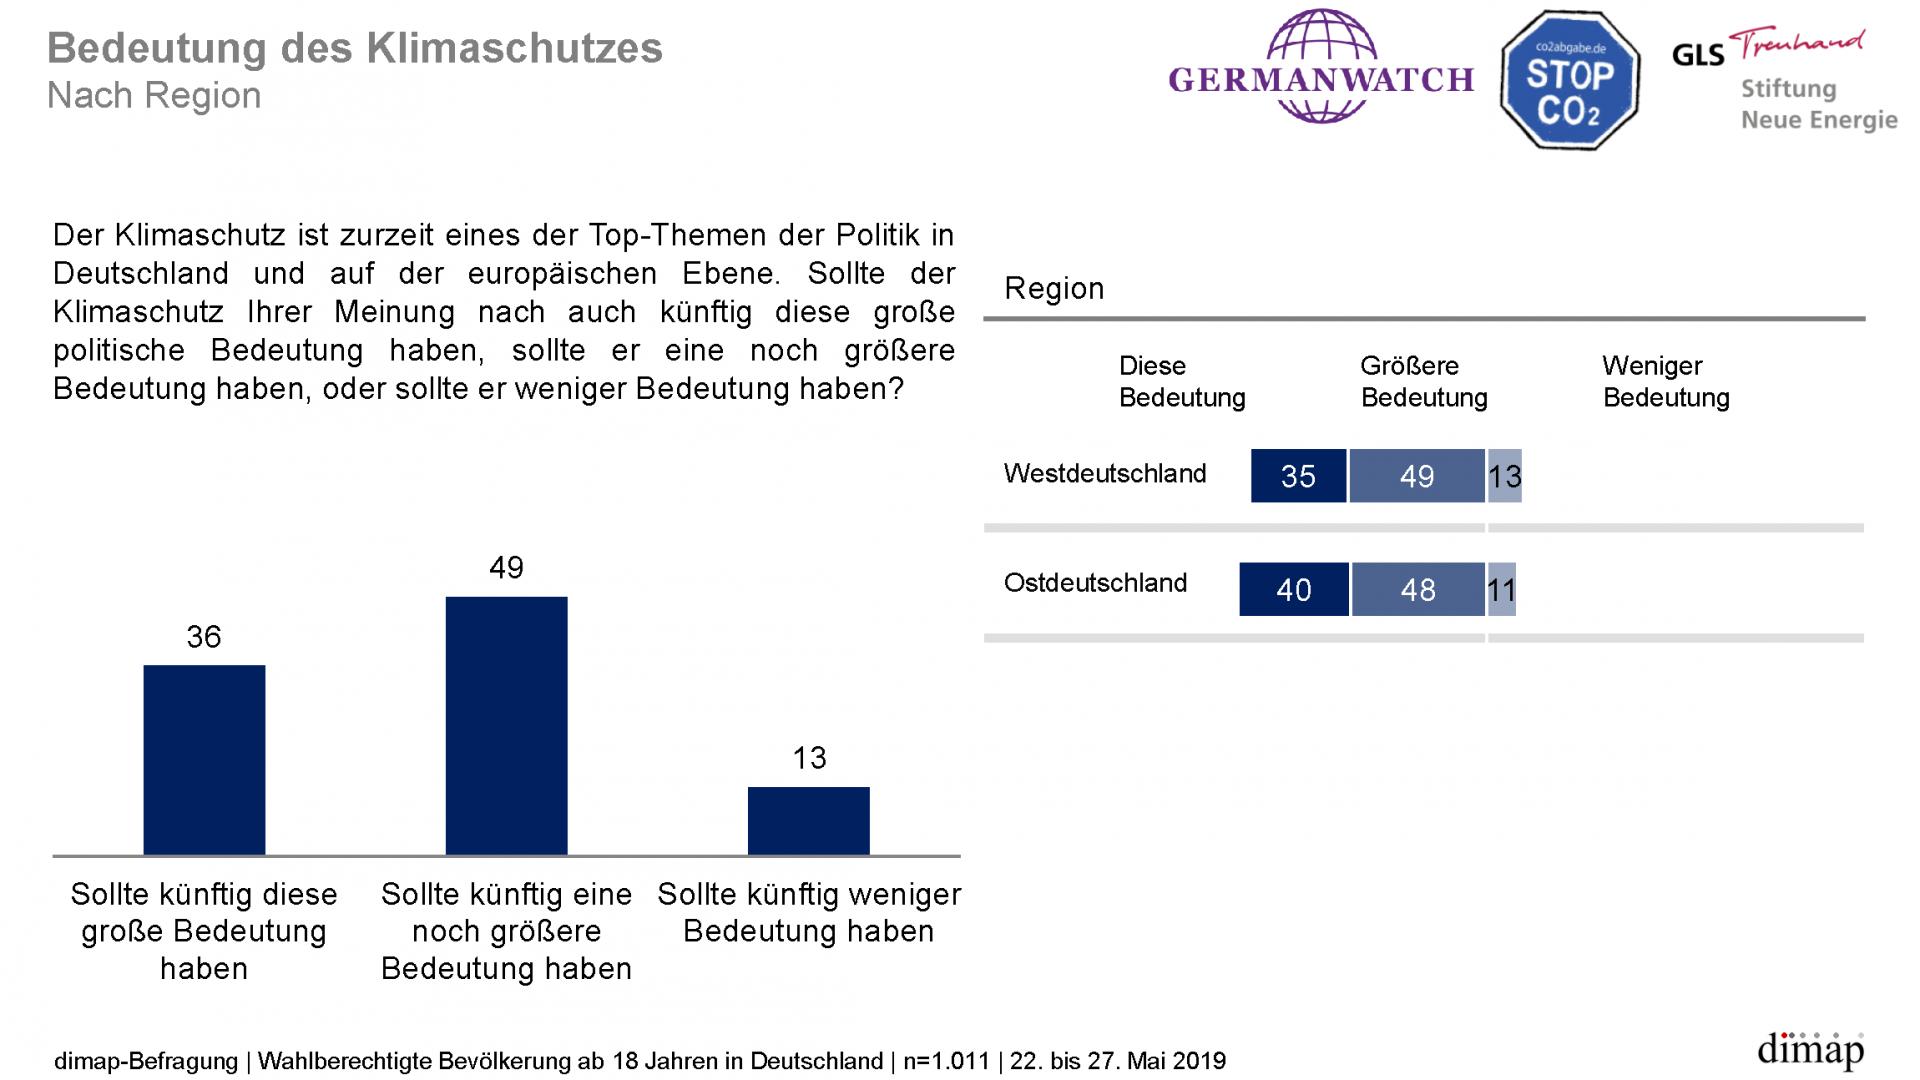 """""""Meinungen zum Klimaschutz"""" - Repräsentative dimap-Umfrage (22. bis 27. Mai 2019) im Auftrag von Germanwatch, Stiftung Neue Energie und CO2 Abgabe e.V., Ergebnisgrafik 5 von 14"""